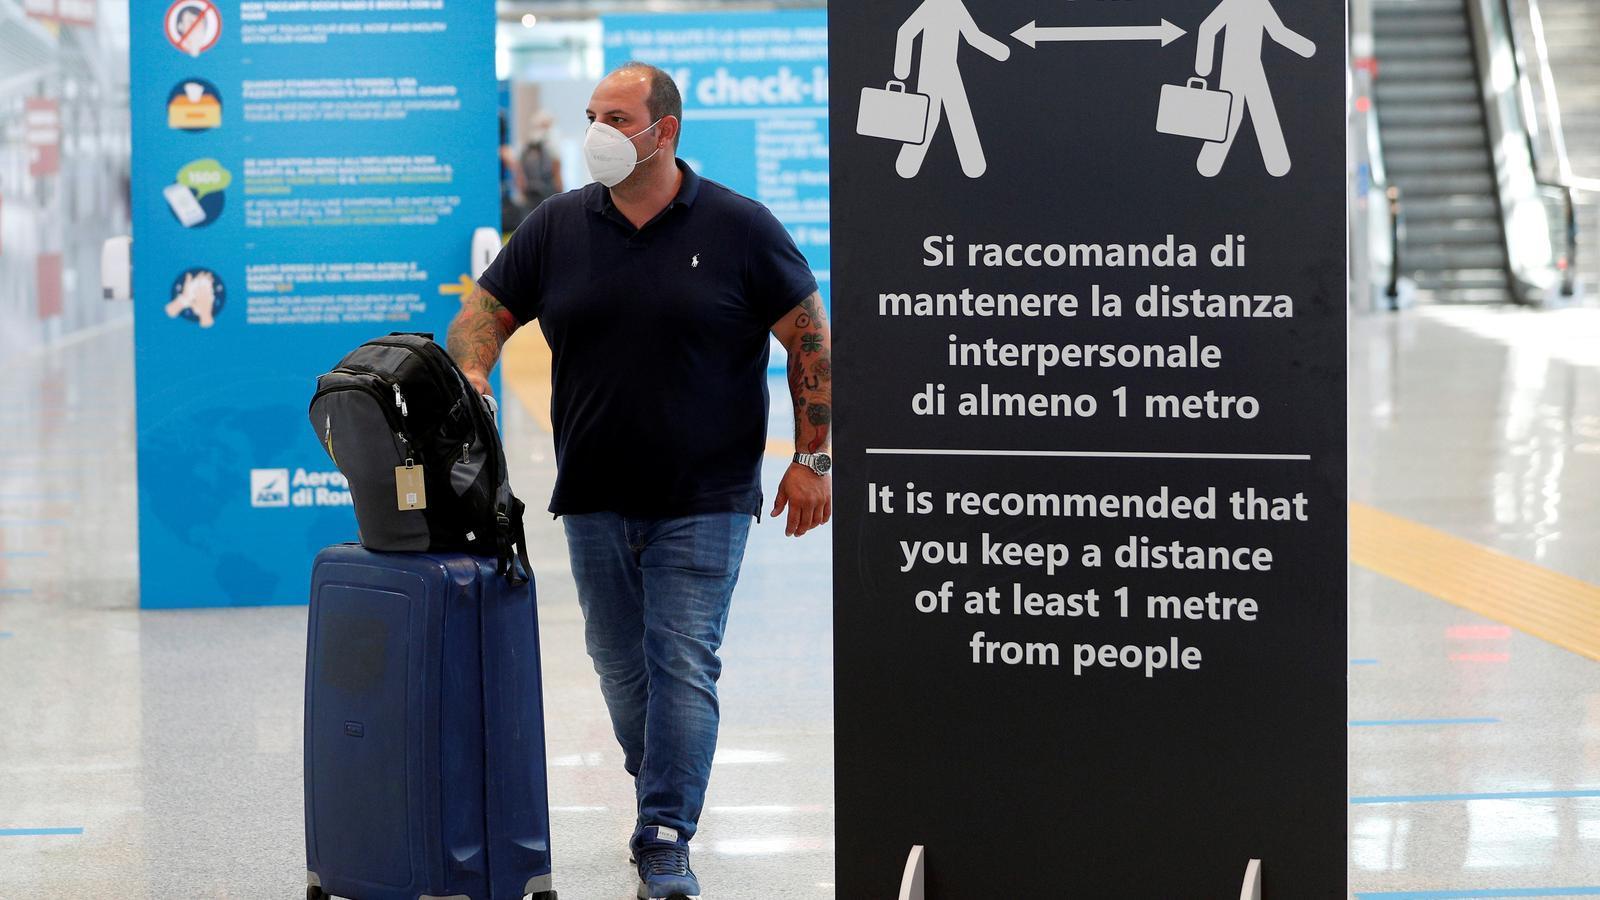 Un passatger amb mascareta a l'aeroport de Fiumicino, a Roma.